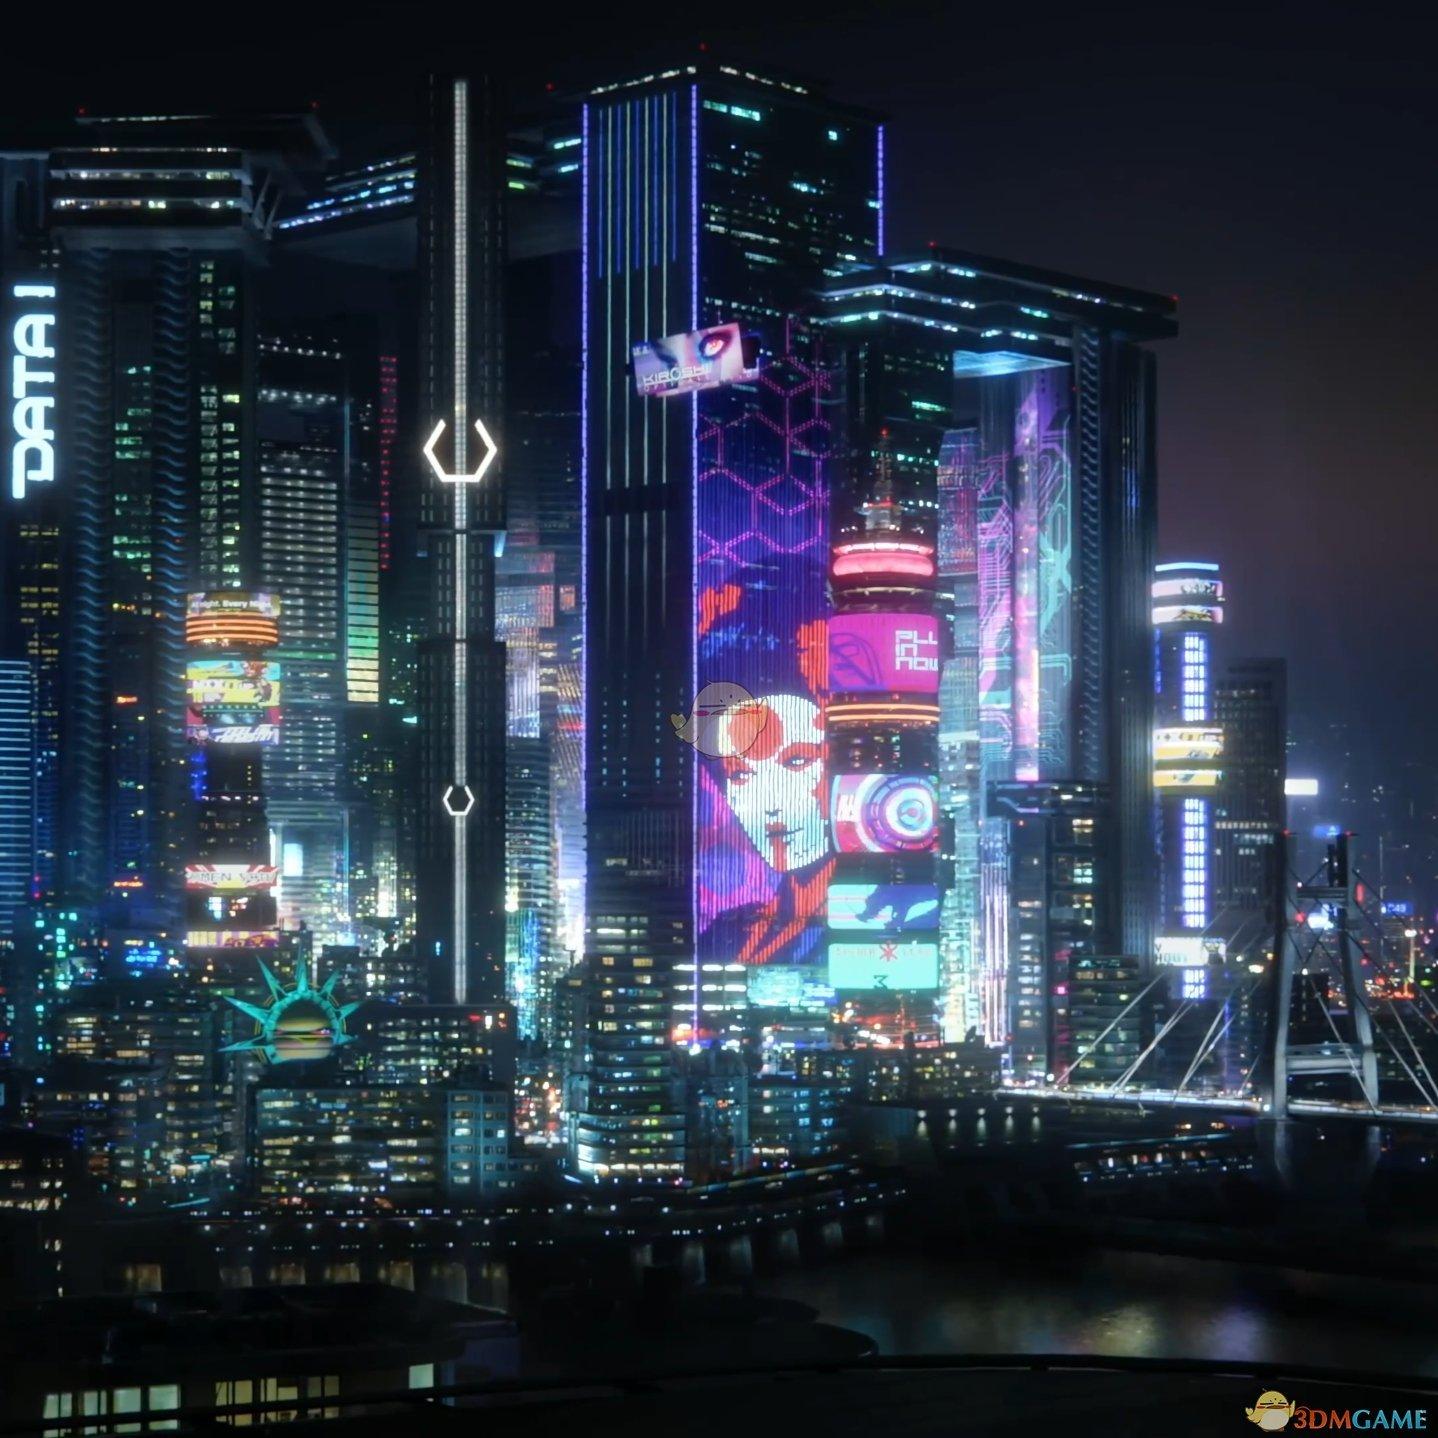 赛博朋克2077夜之城动态壁纸下载 Wallpaper赛博朋克2077壁纸下载 3dm单机